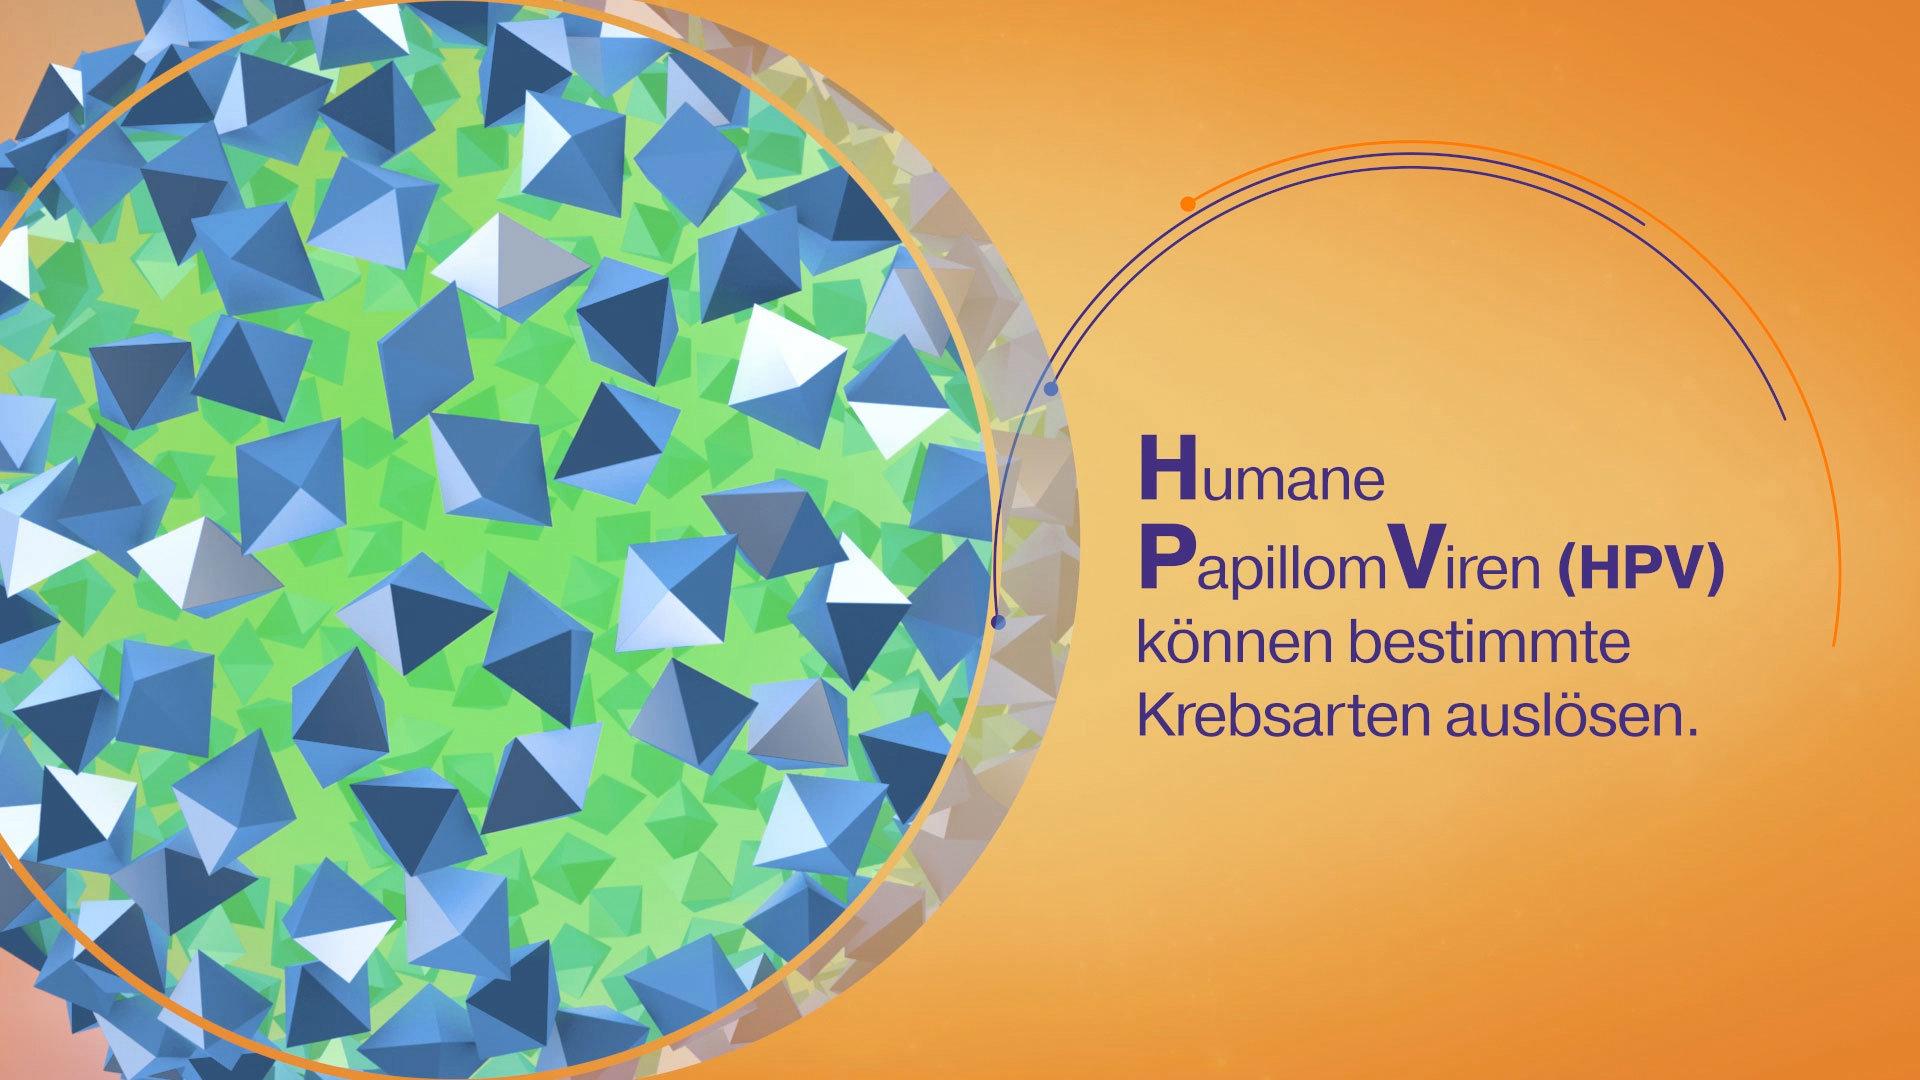 helmint gyógyszer szoptatáshoz a parazitológia a helmintusok vizsgálata